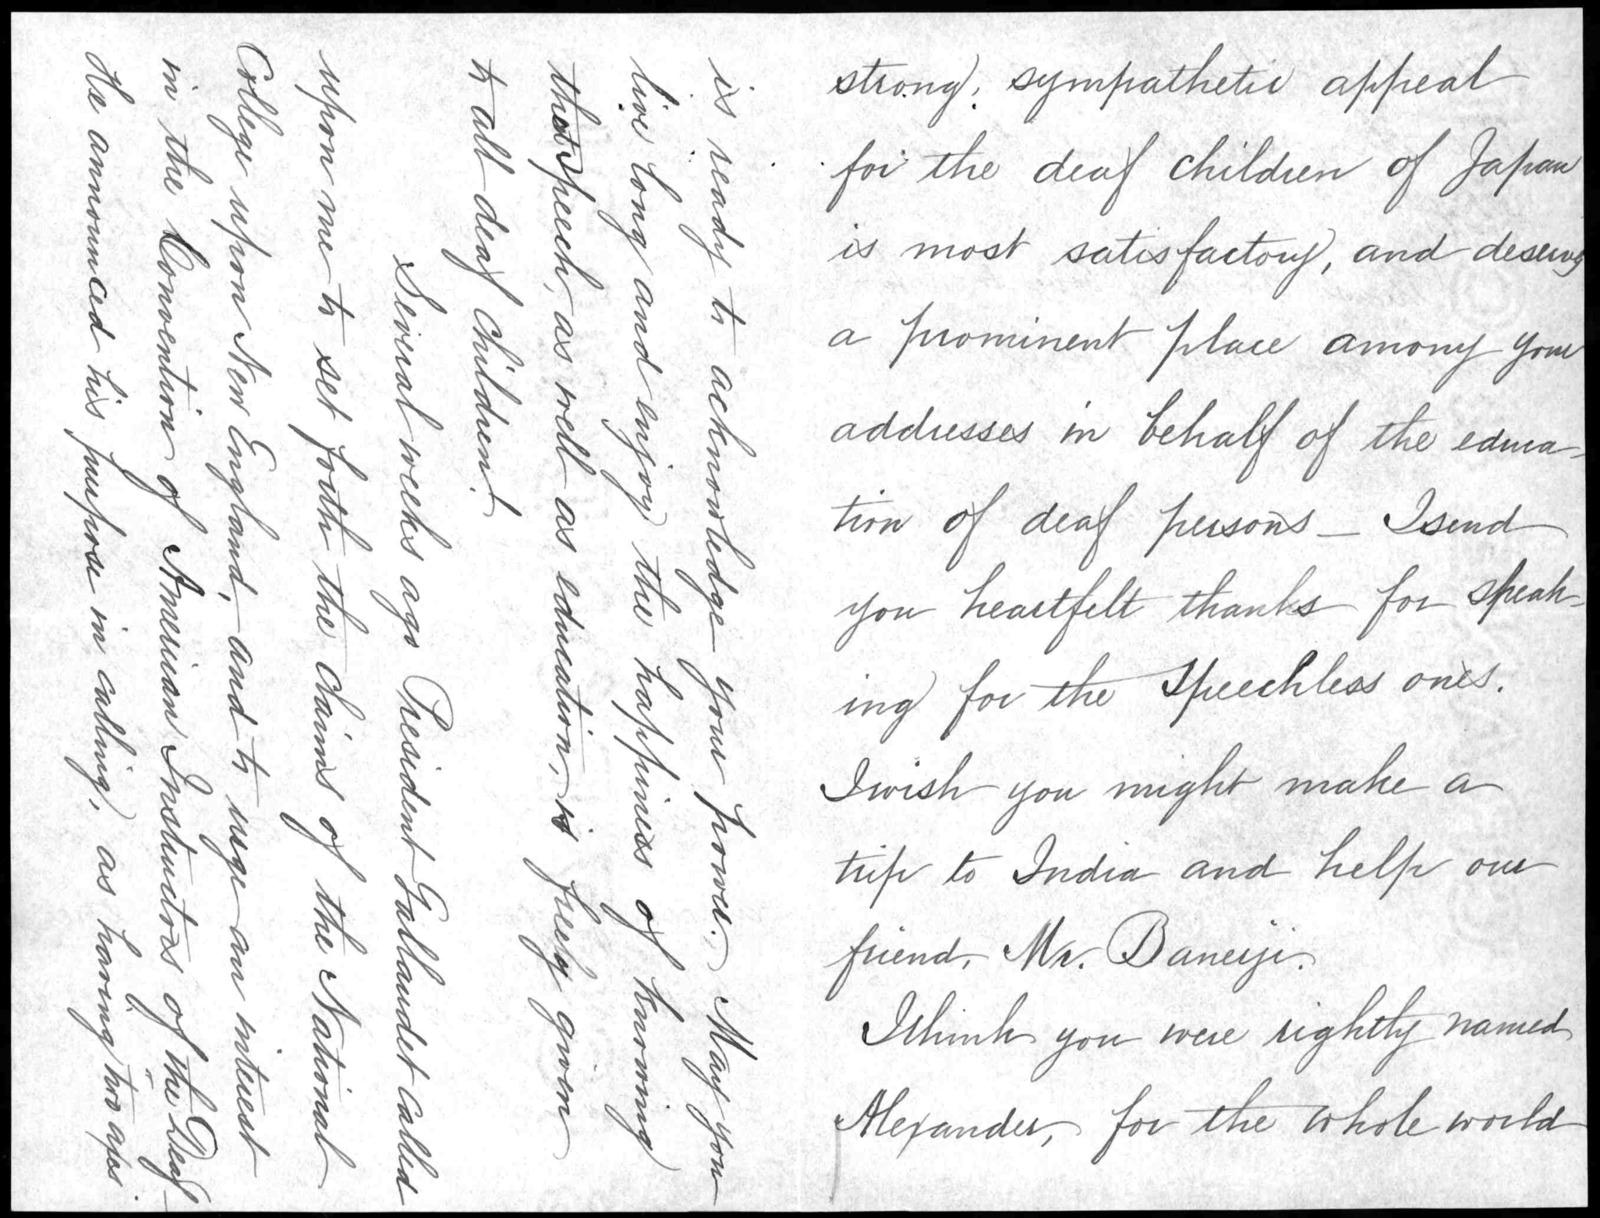 Letter from Sarah Fuller to Alexander Graham Bell, January 21, 1899